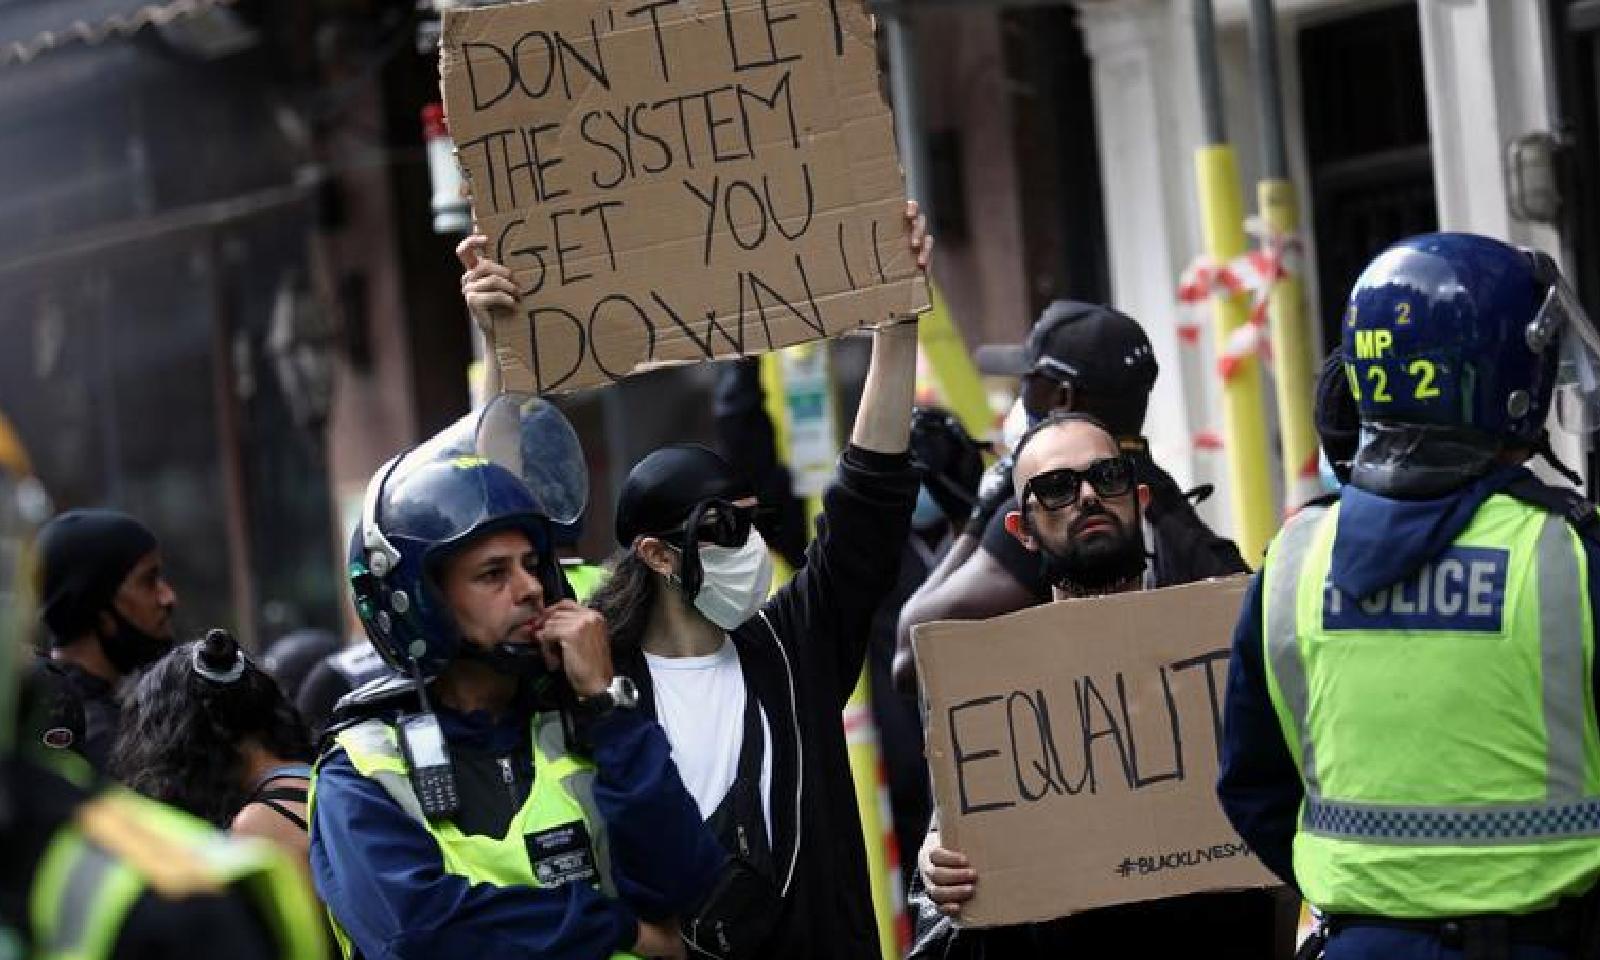 مظاہرین نے پلے کارڈز بھی اٹھا رکھے تھے—فوٹو:رائٹرز